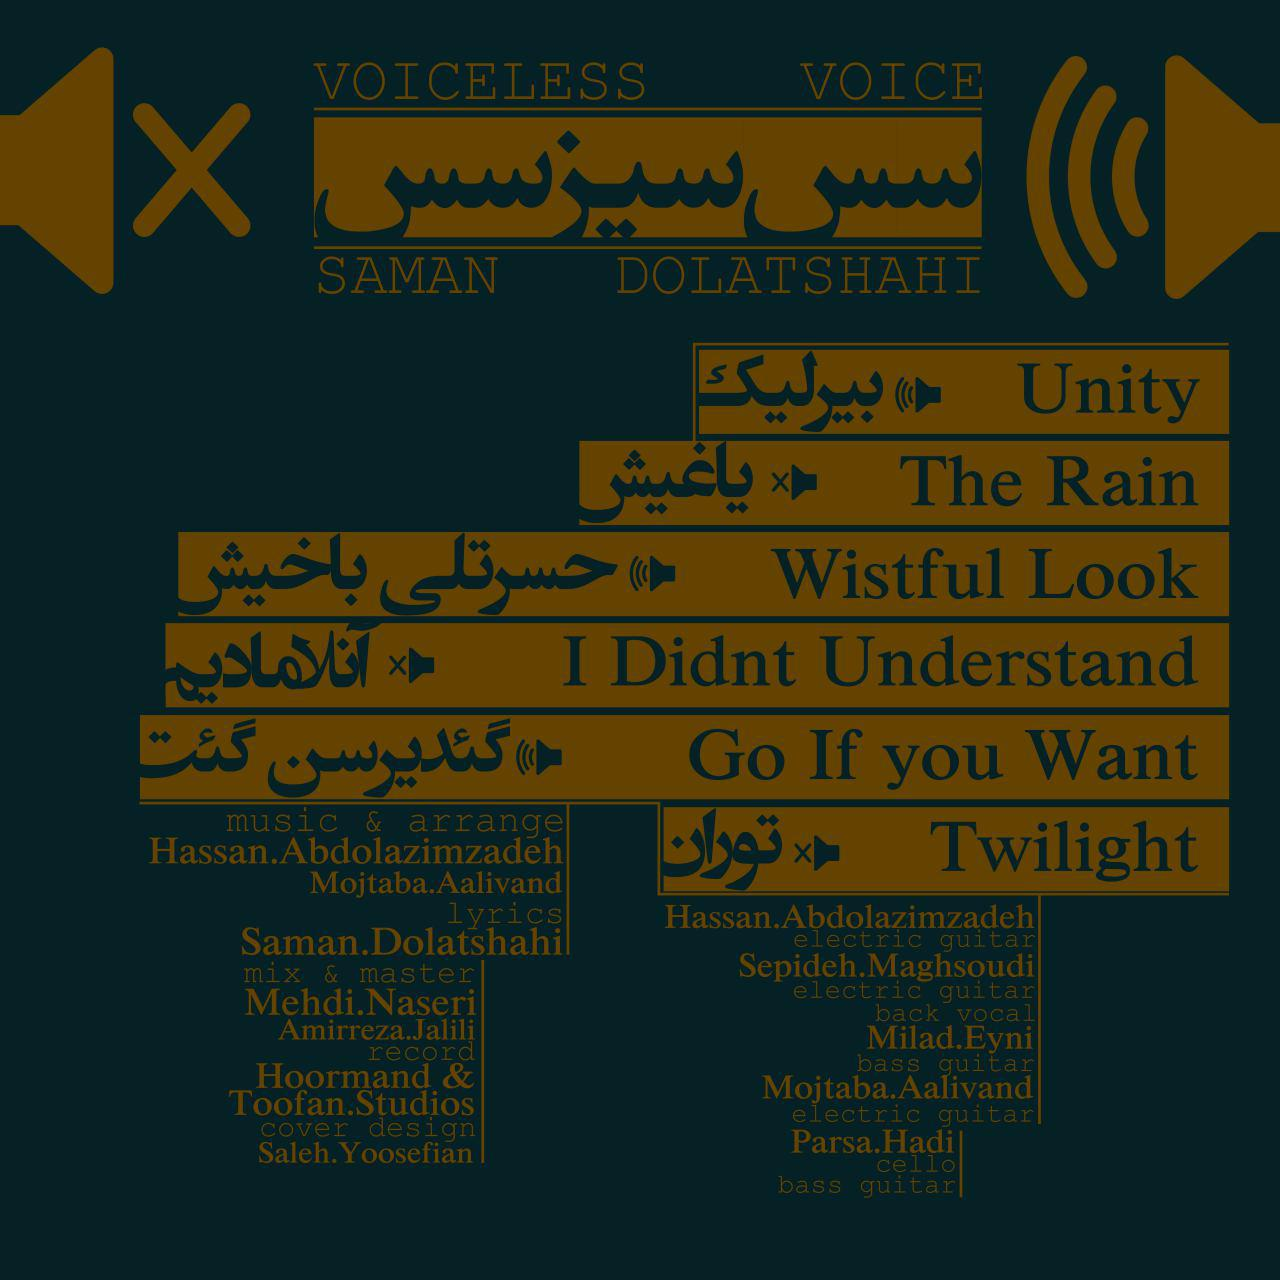 دانلود آلبوم جدید و زیبای راک ترکی سامان دولتشاهی به نام سس سیز سس